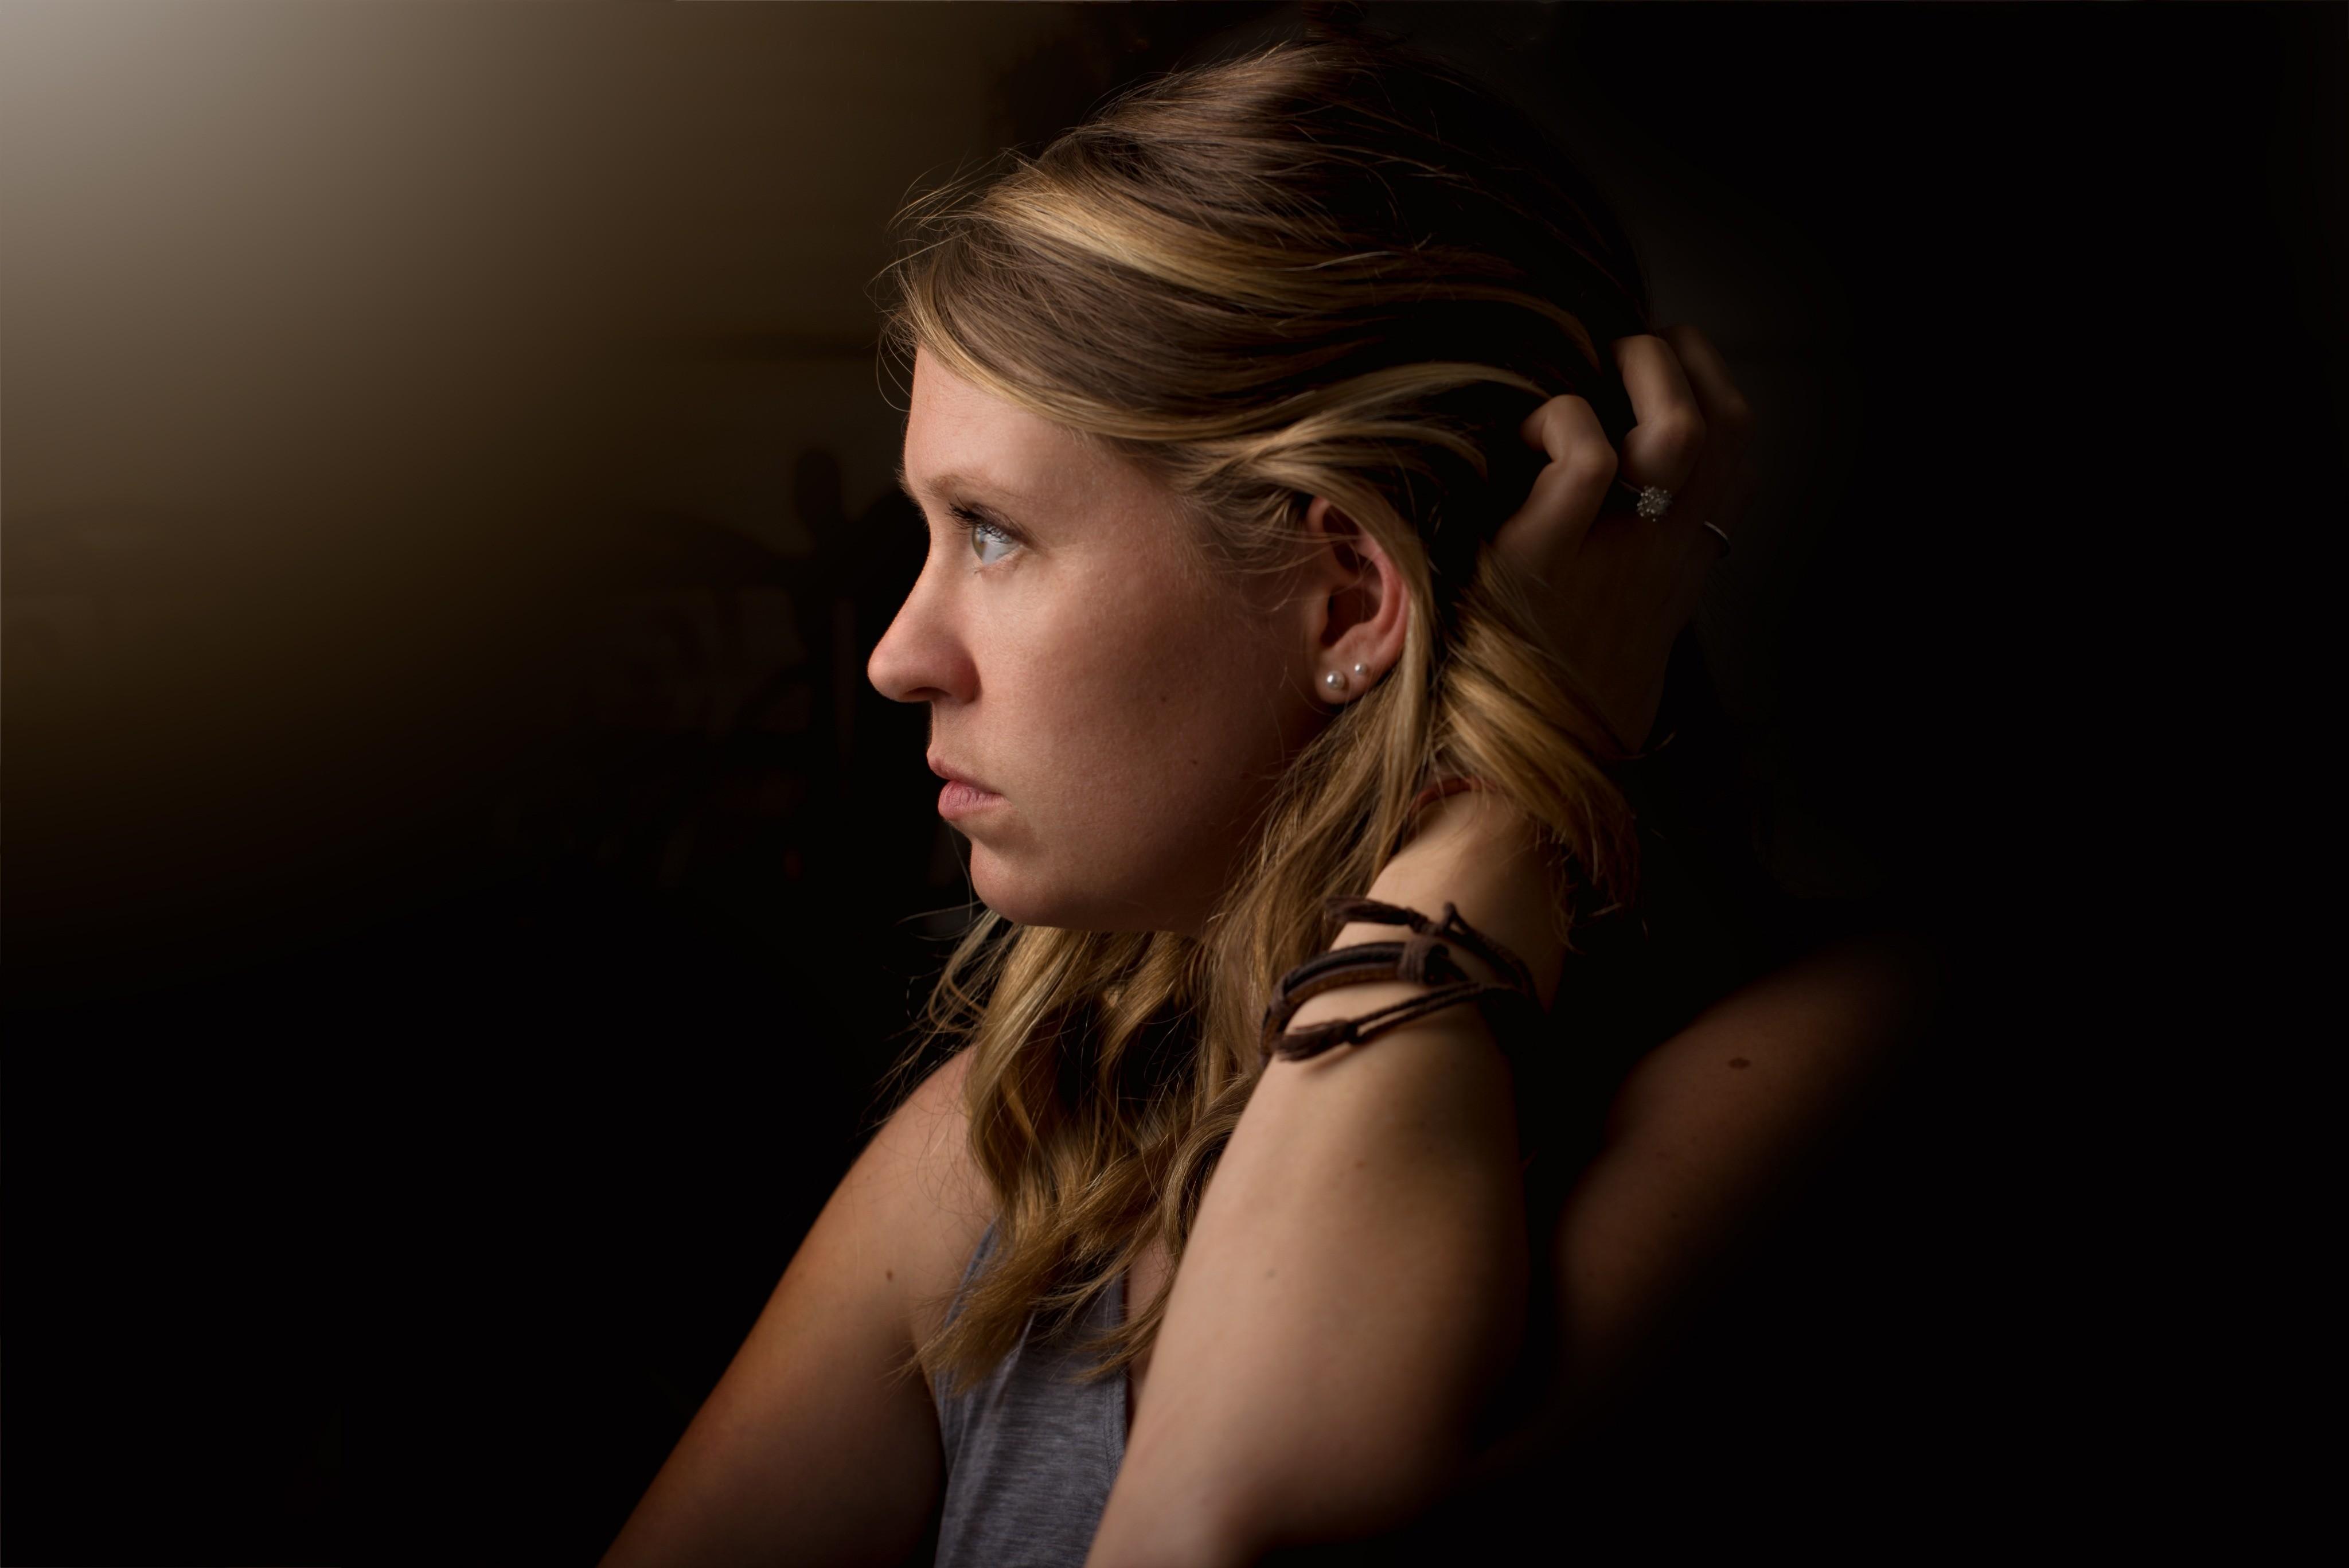 Операционное изменение формы ушей: кто и зачем это делает?